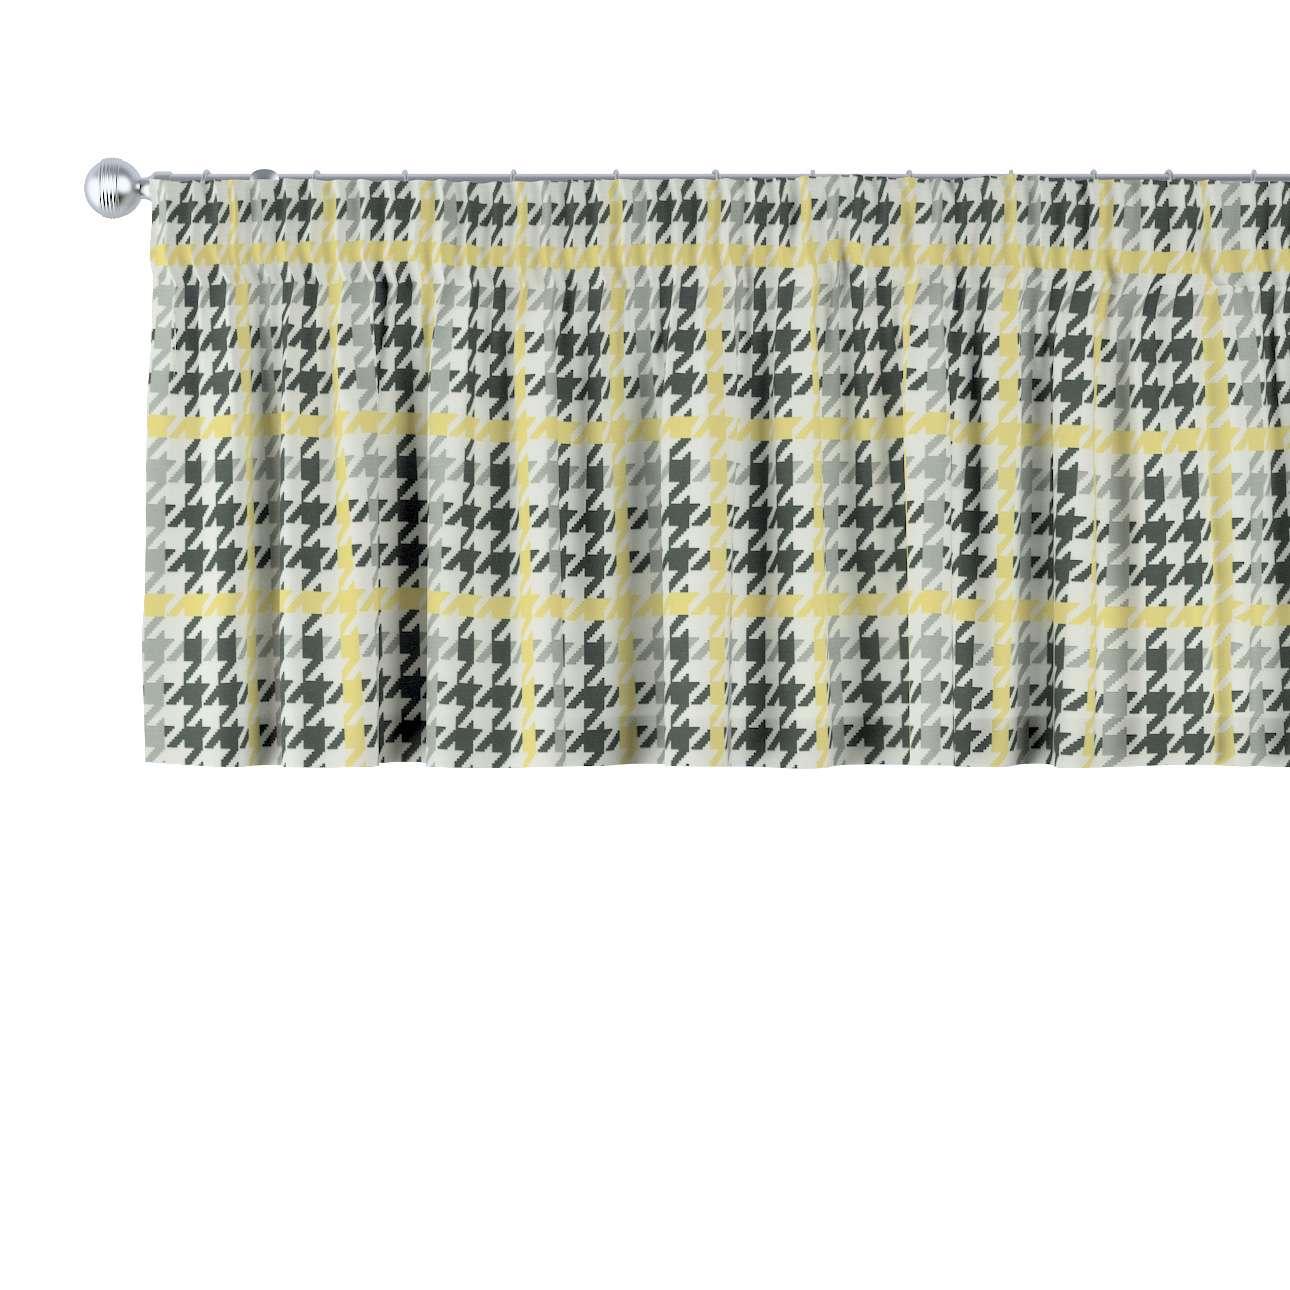 Trumpa užuolaidėlė (lambrekenas) pieštukinis klostavimas 130 x 40 cm kolekcijoje Brooklyn, audinys: 137-79